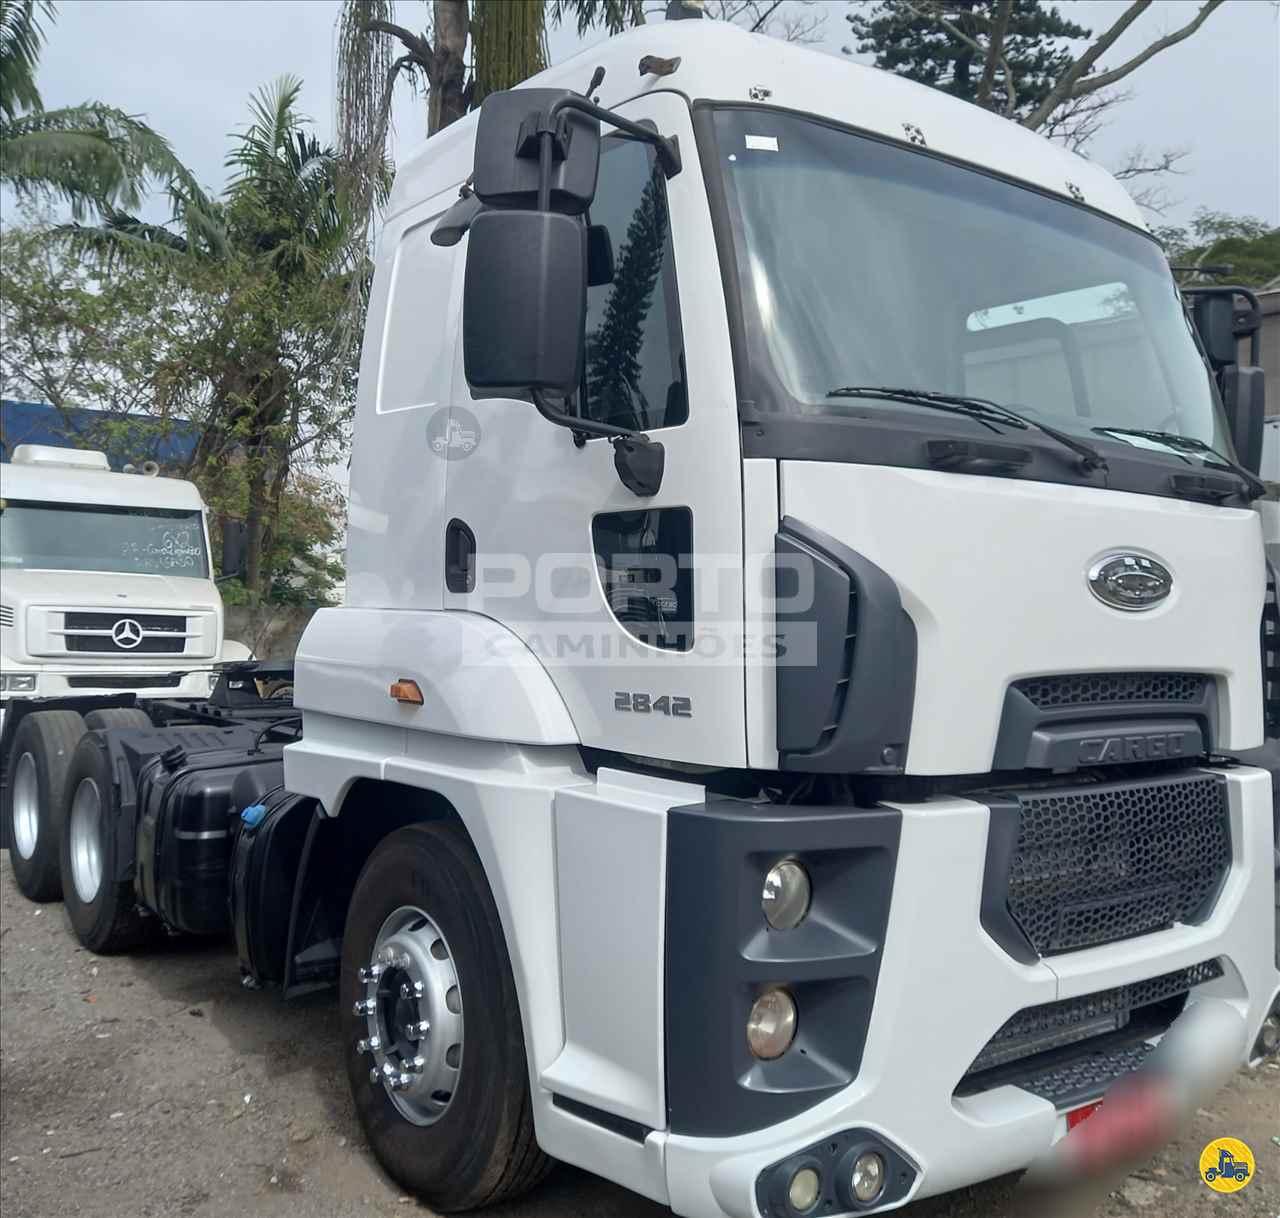 CAMINHAO FORD CARGO 2842 Cavalo Mecânico Truck 6x2 Porto Caminhões GUARULHOS SÃO PAULO SP